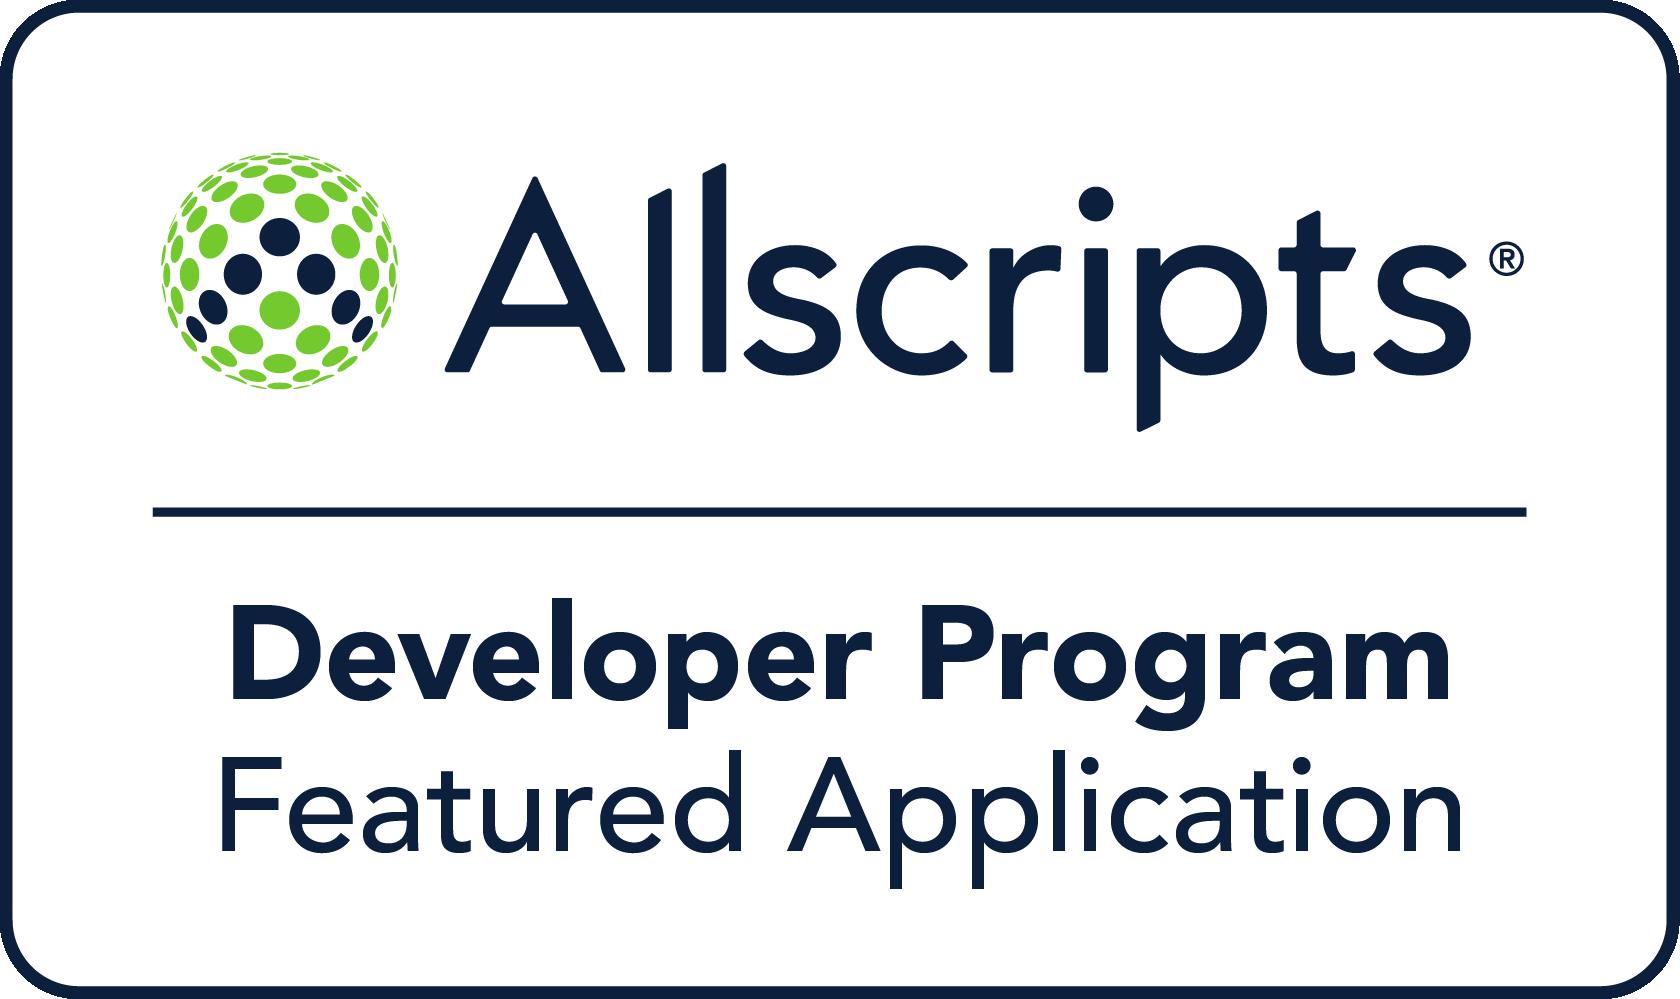 RGB_Allscripts_Developer_Program_Featured_App_bug_all.png